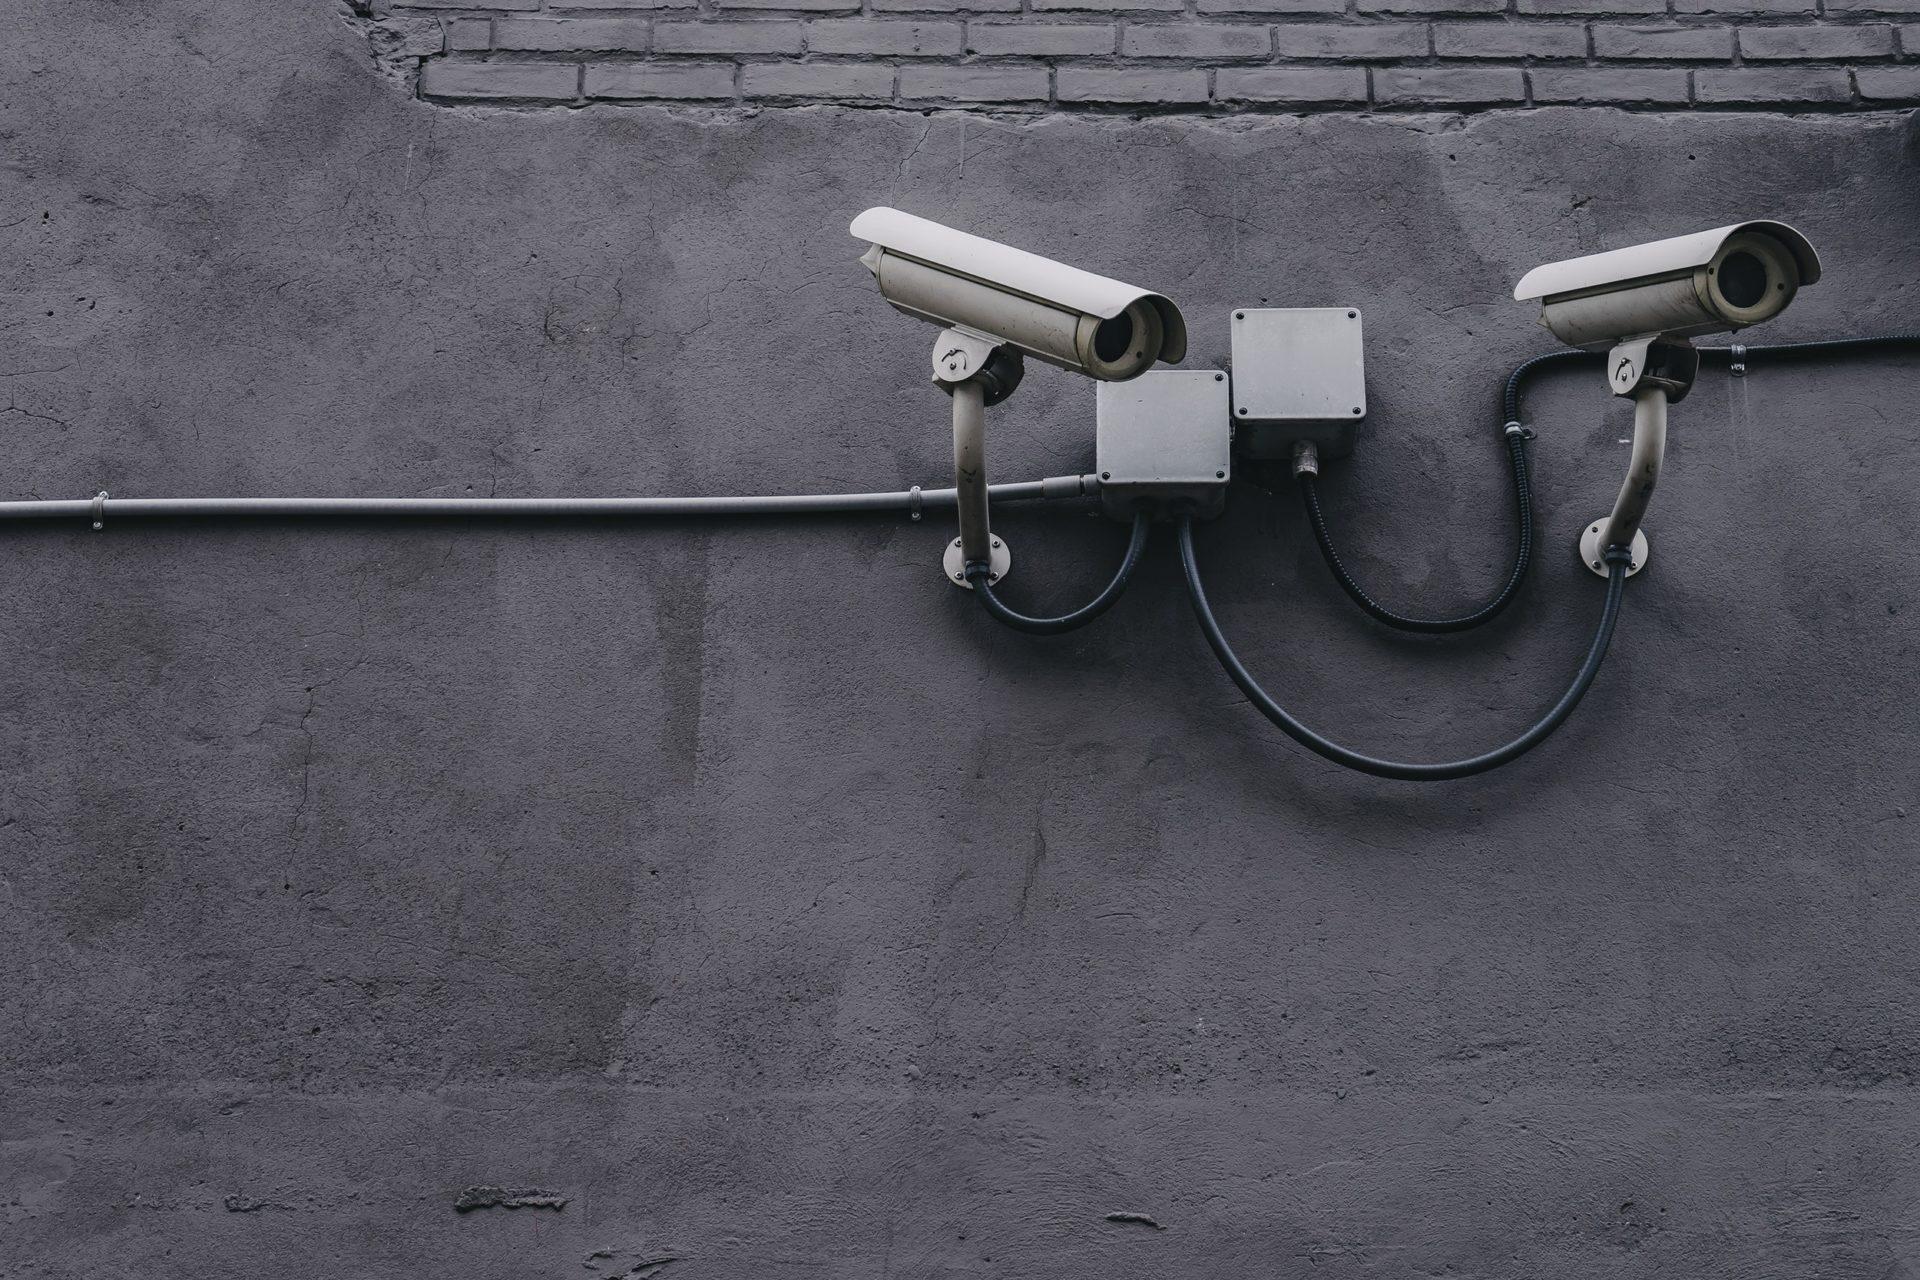 Monitoring wizyjny zgodny z prawem